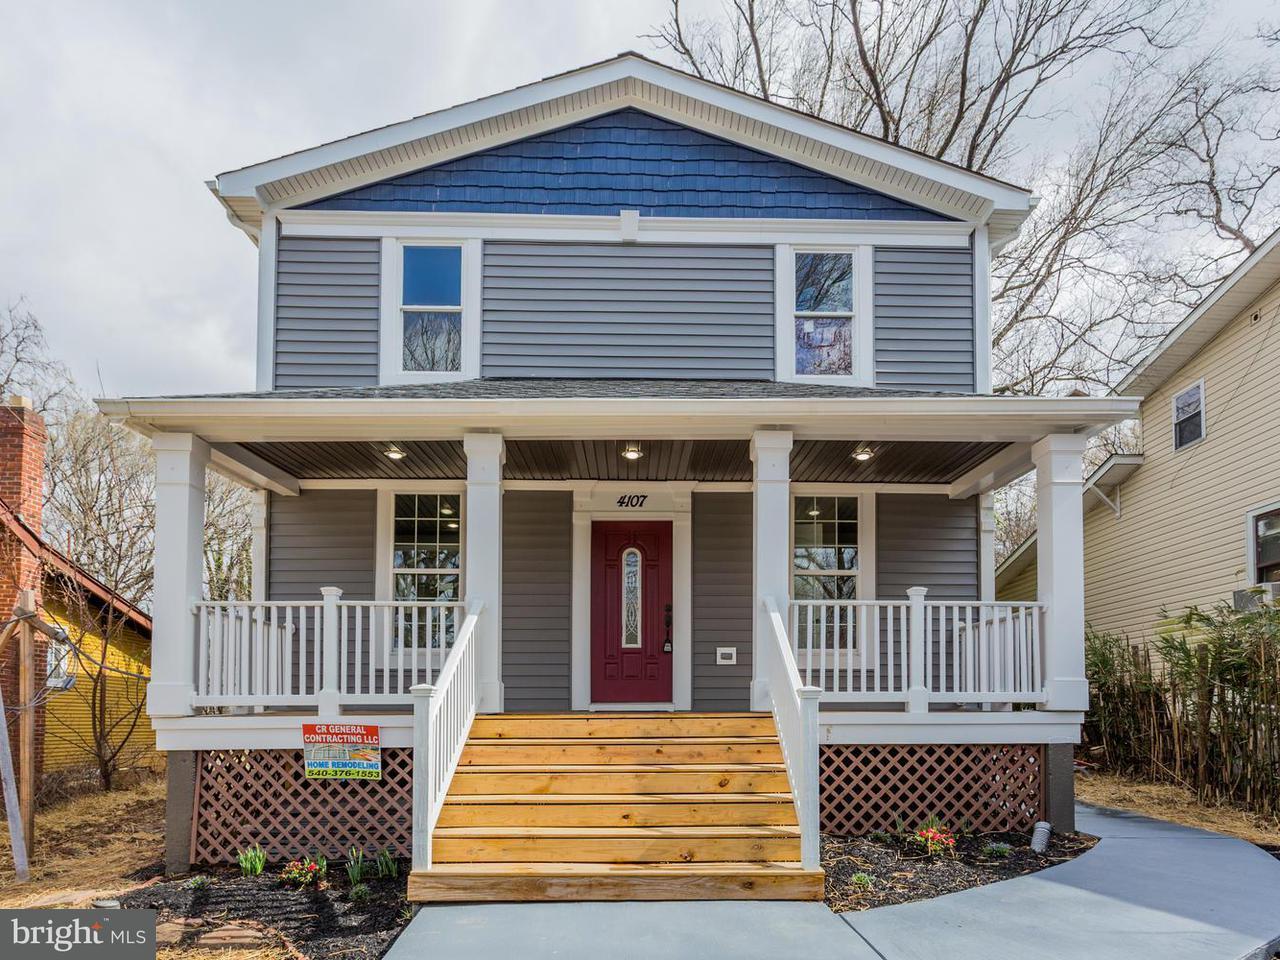 一戸建て のために 売買 アット 4107 30th Street 4107 30th Street Mount Rainier, メリーランド 20712 アメリカ合衆国